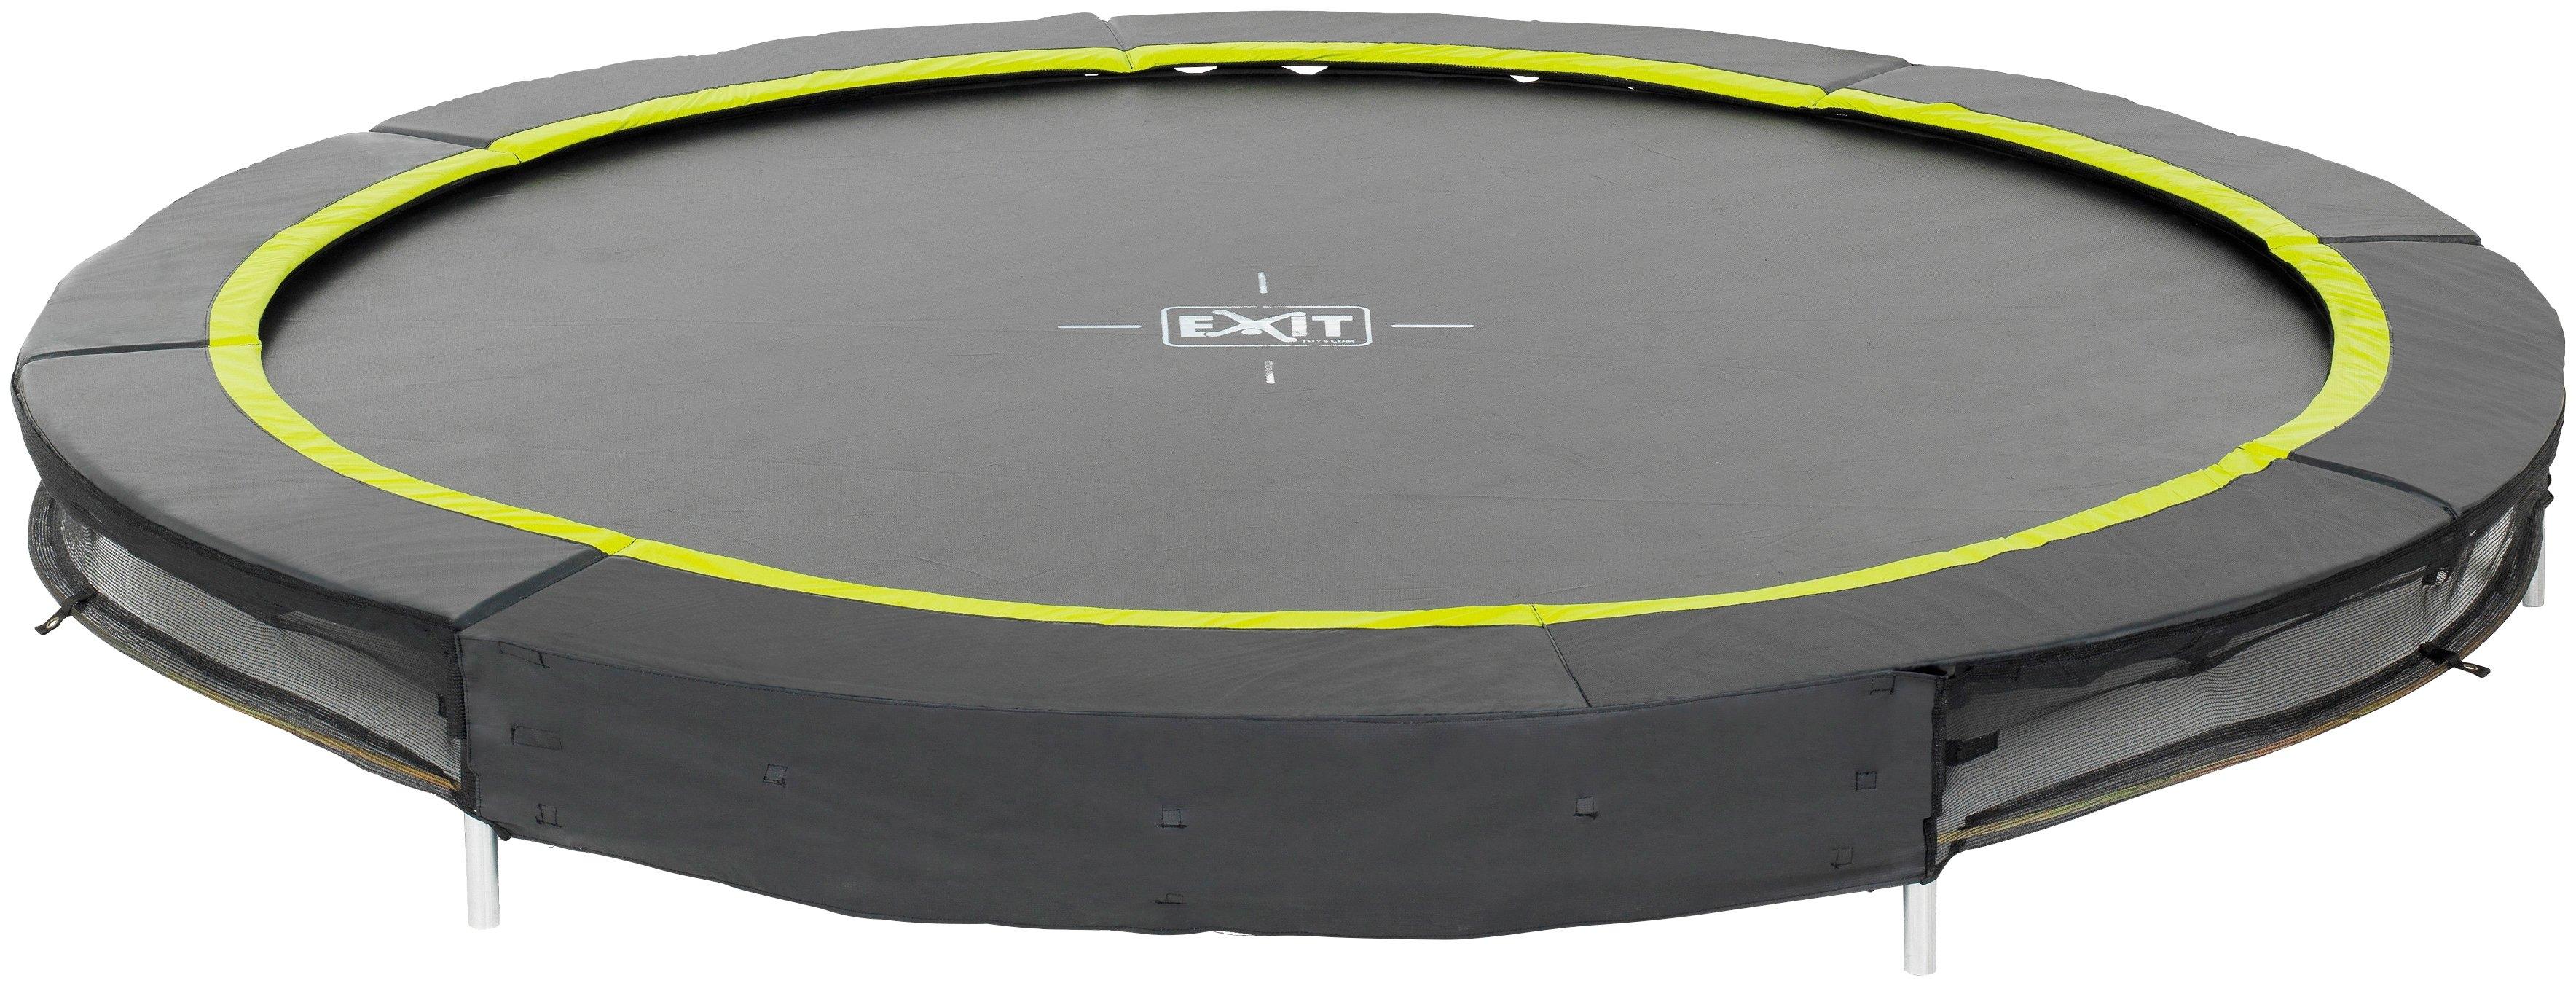 Exit Trampoline »Silhouette Ground«, Ø: 244 cm voordelig en veilig online kopen